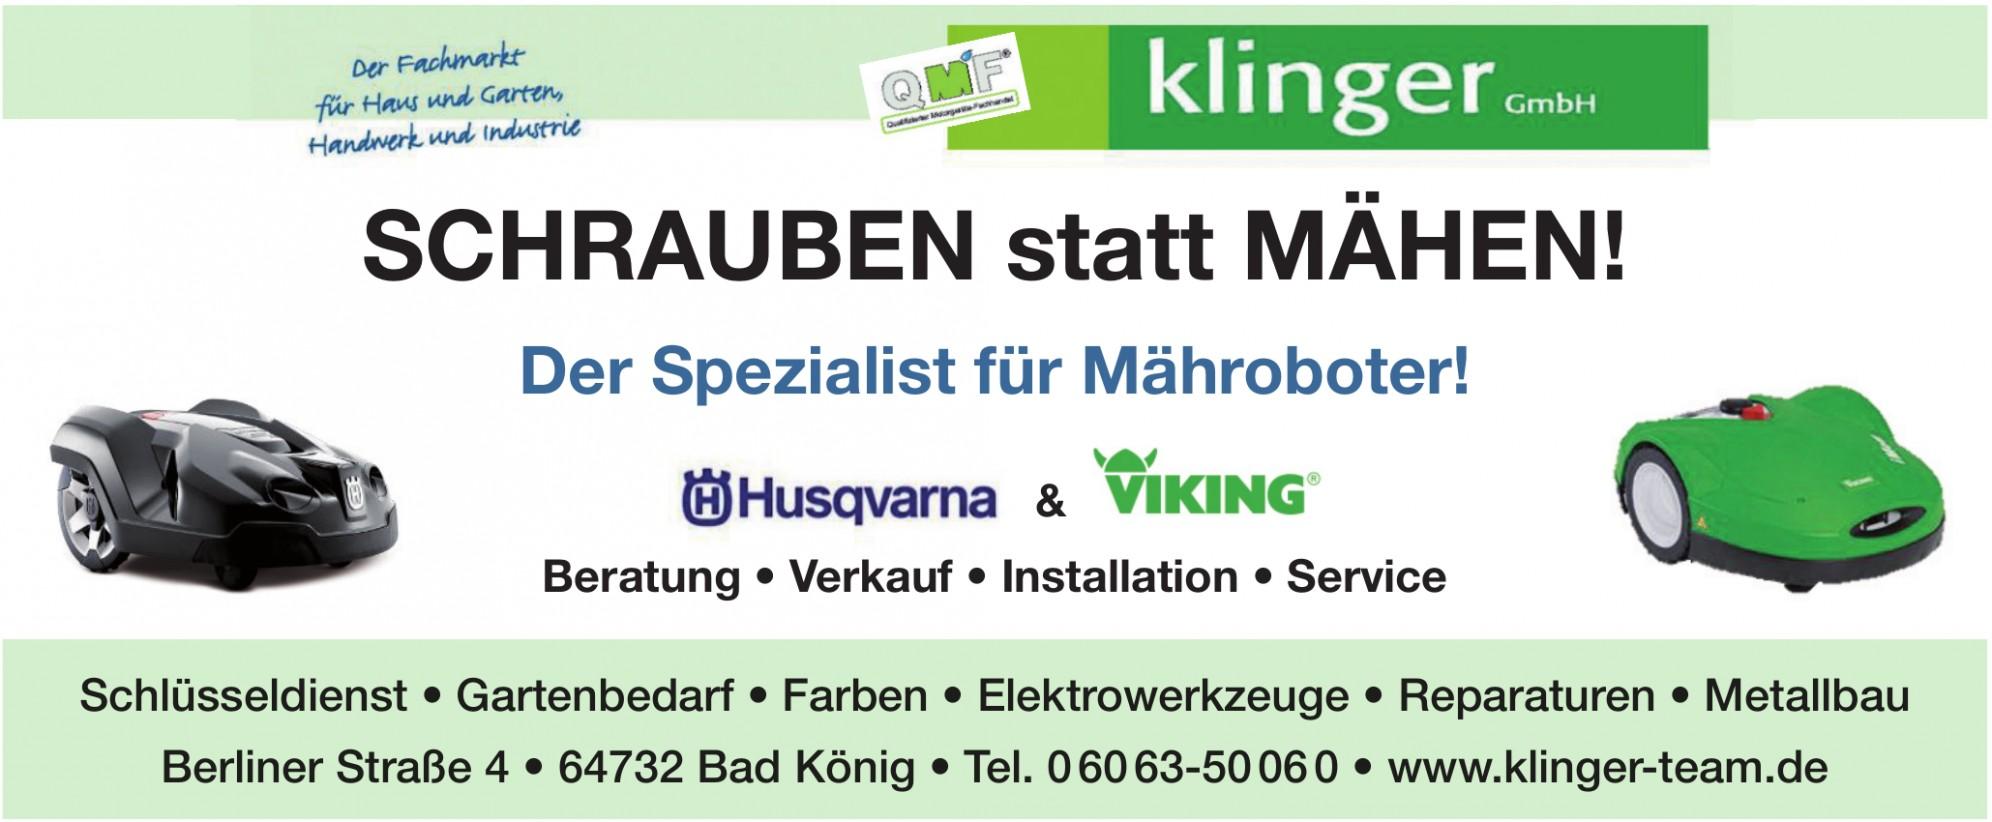 Klinger GmbH